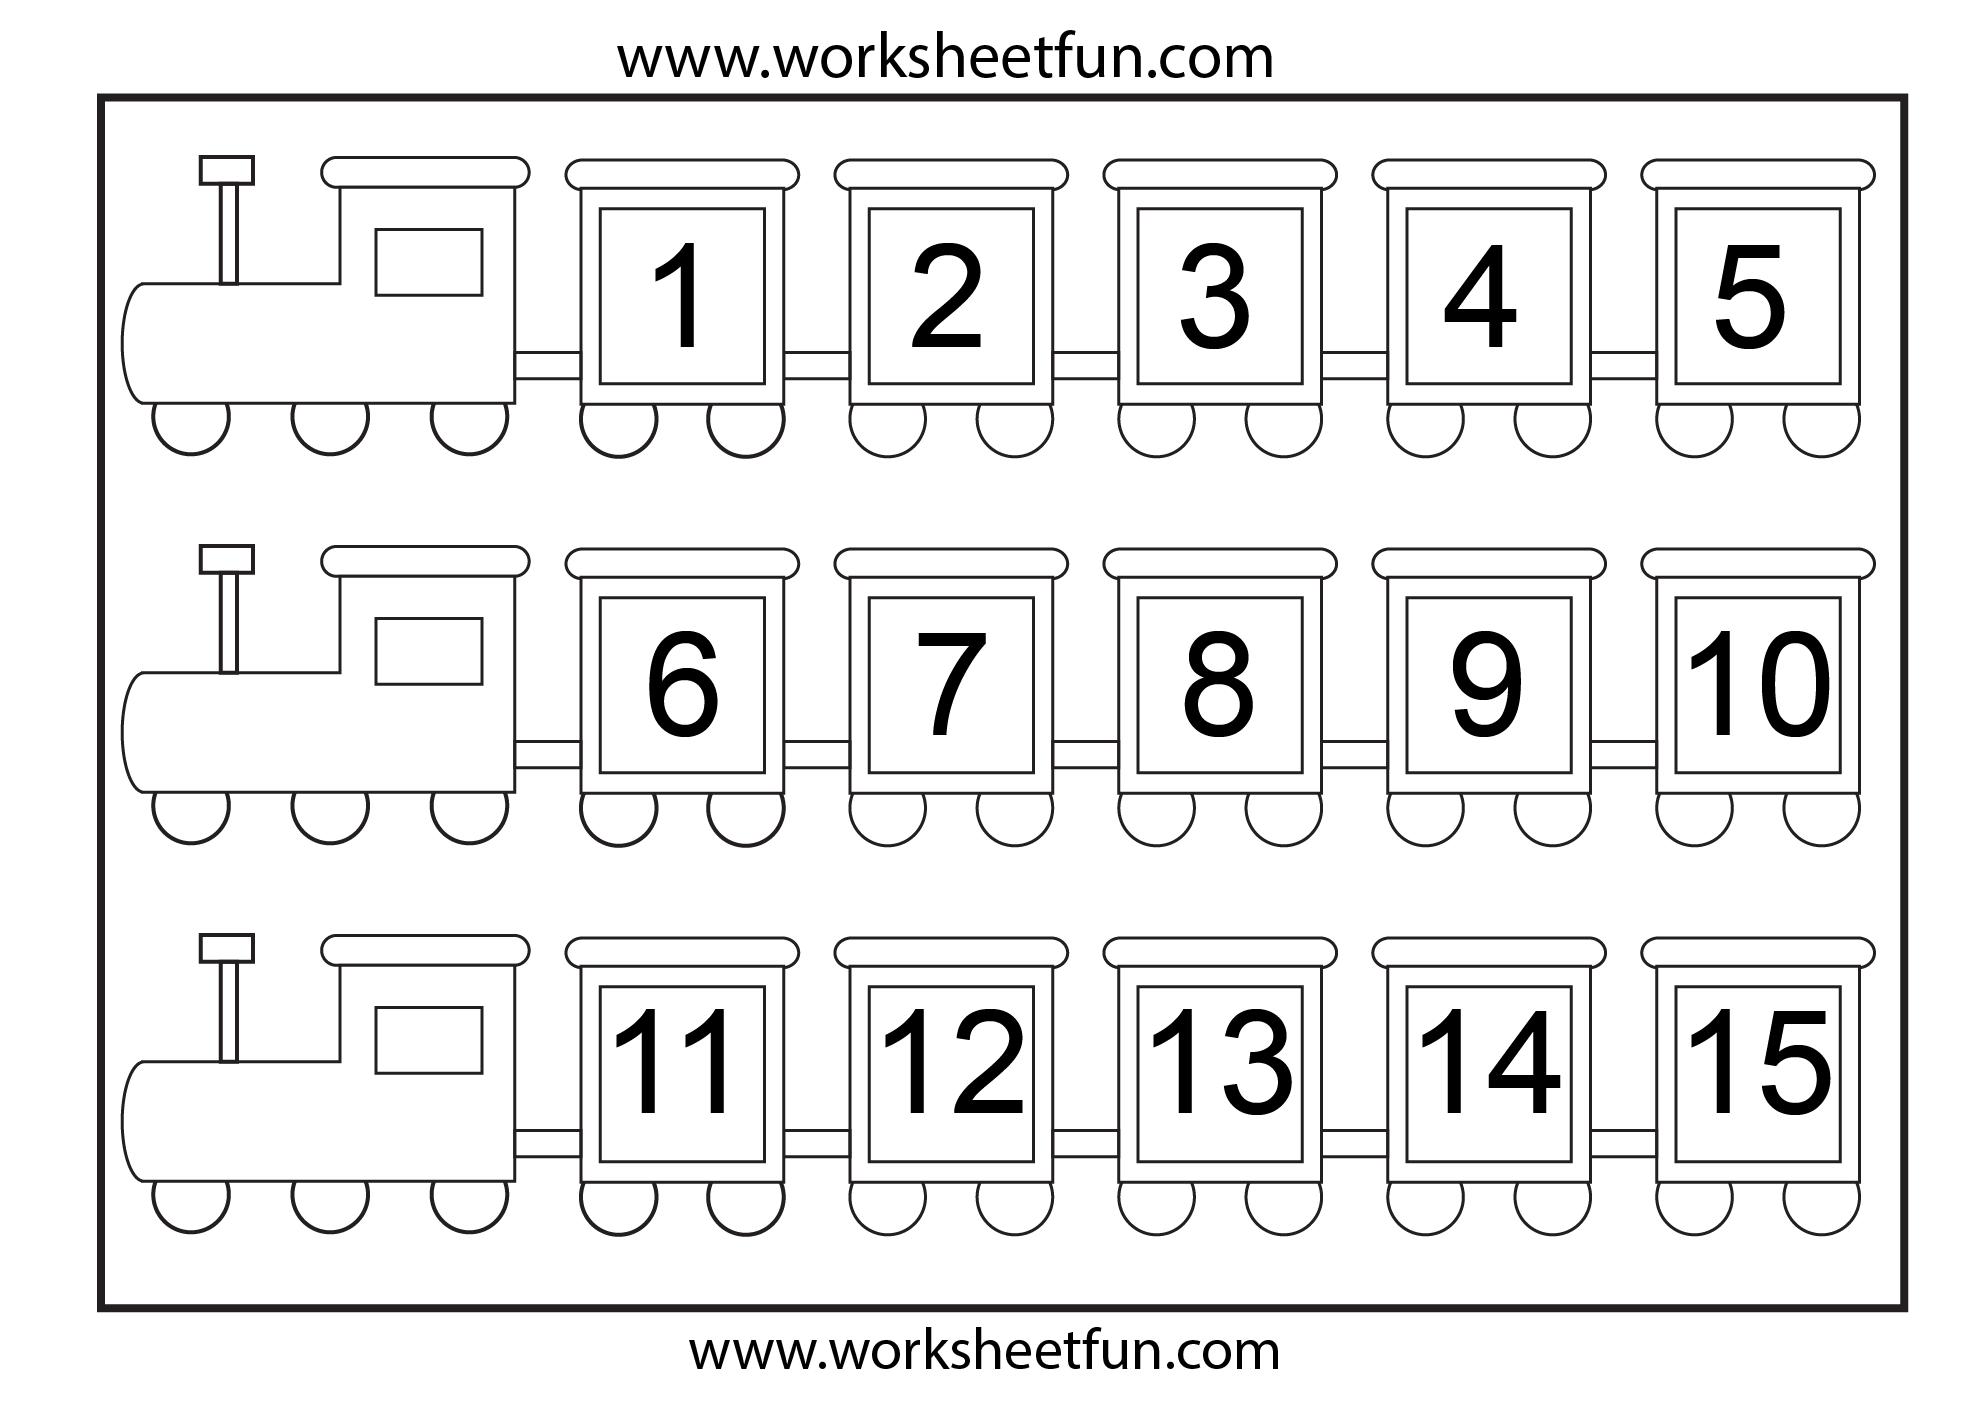 missing number worksheet: NEW 513 MISSING NUMBER